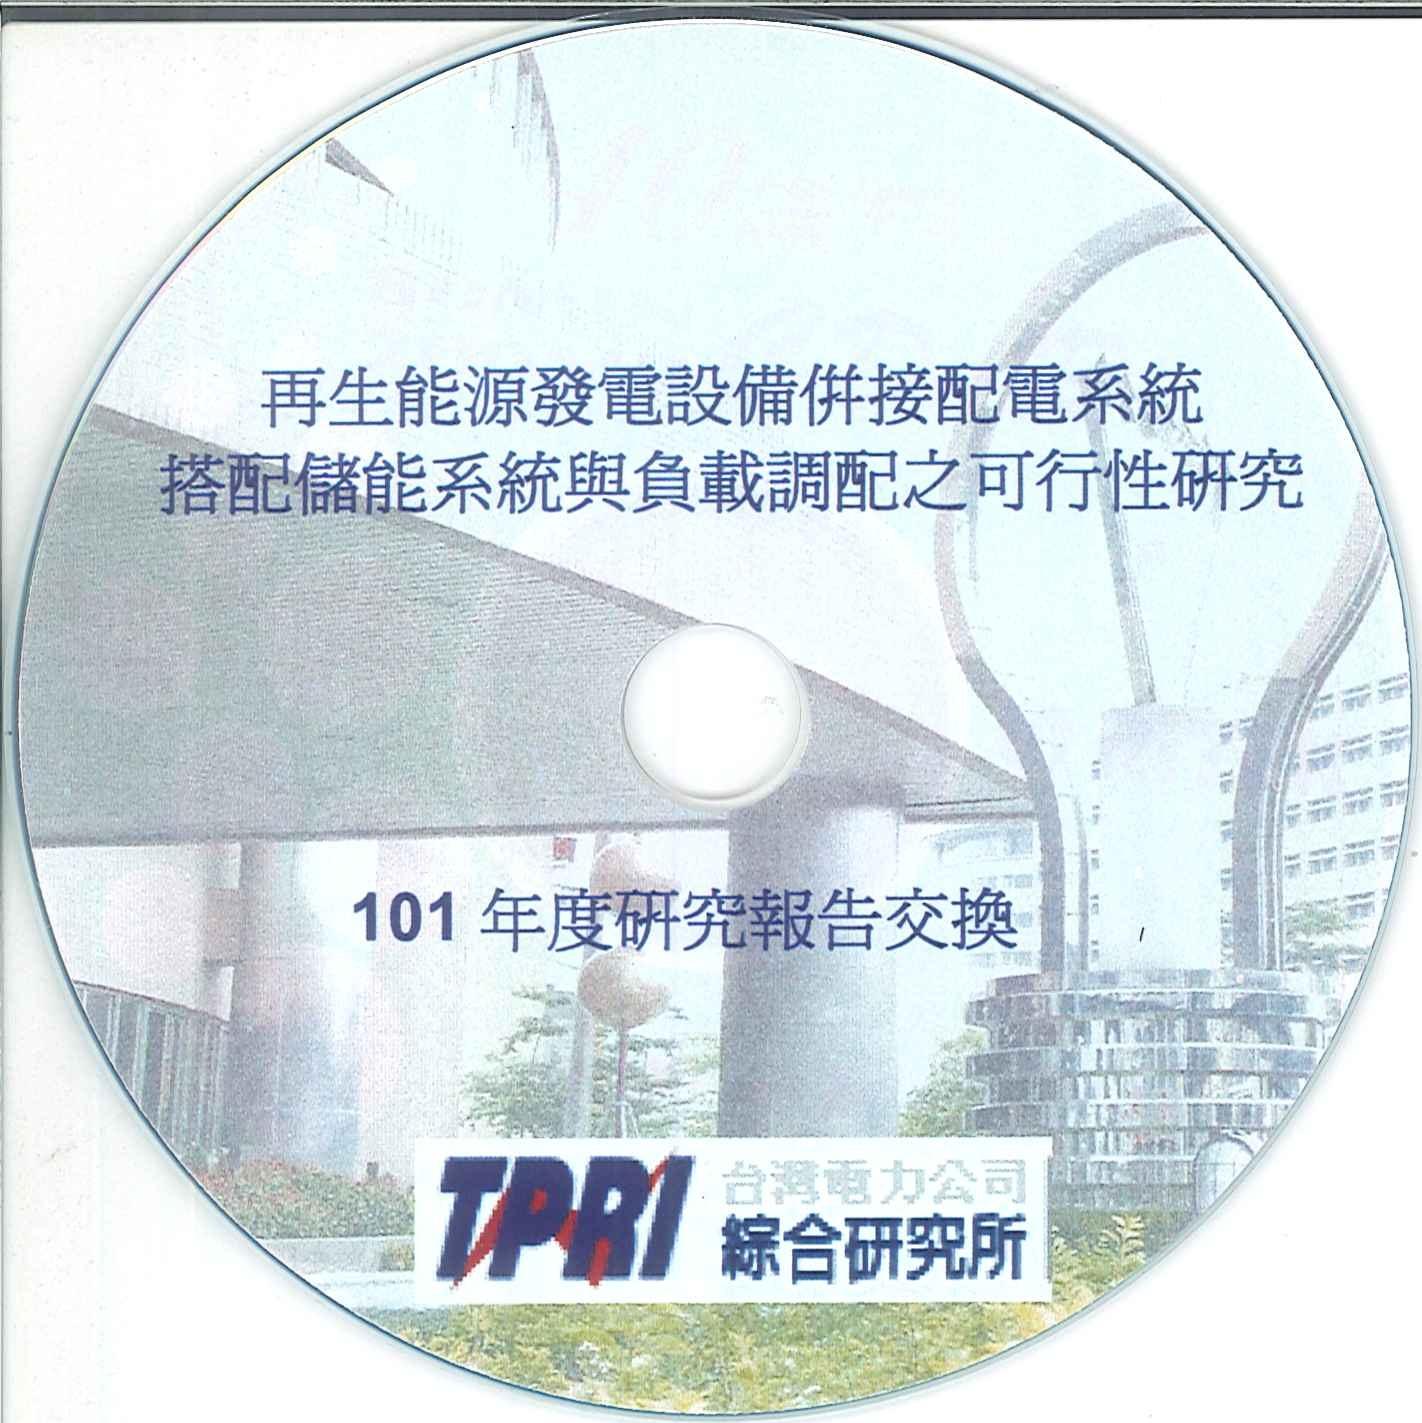 再生能源發電設備併接配電系統搭配儲能系統與負載調配之可行性研究 [光碟]:完成報告